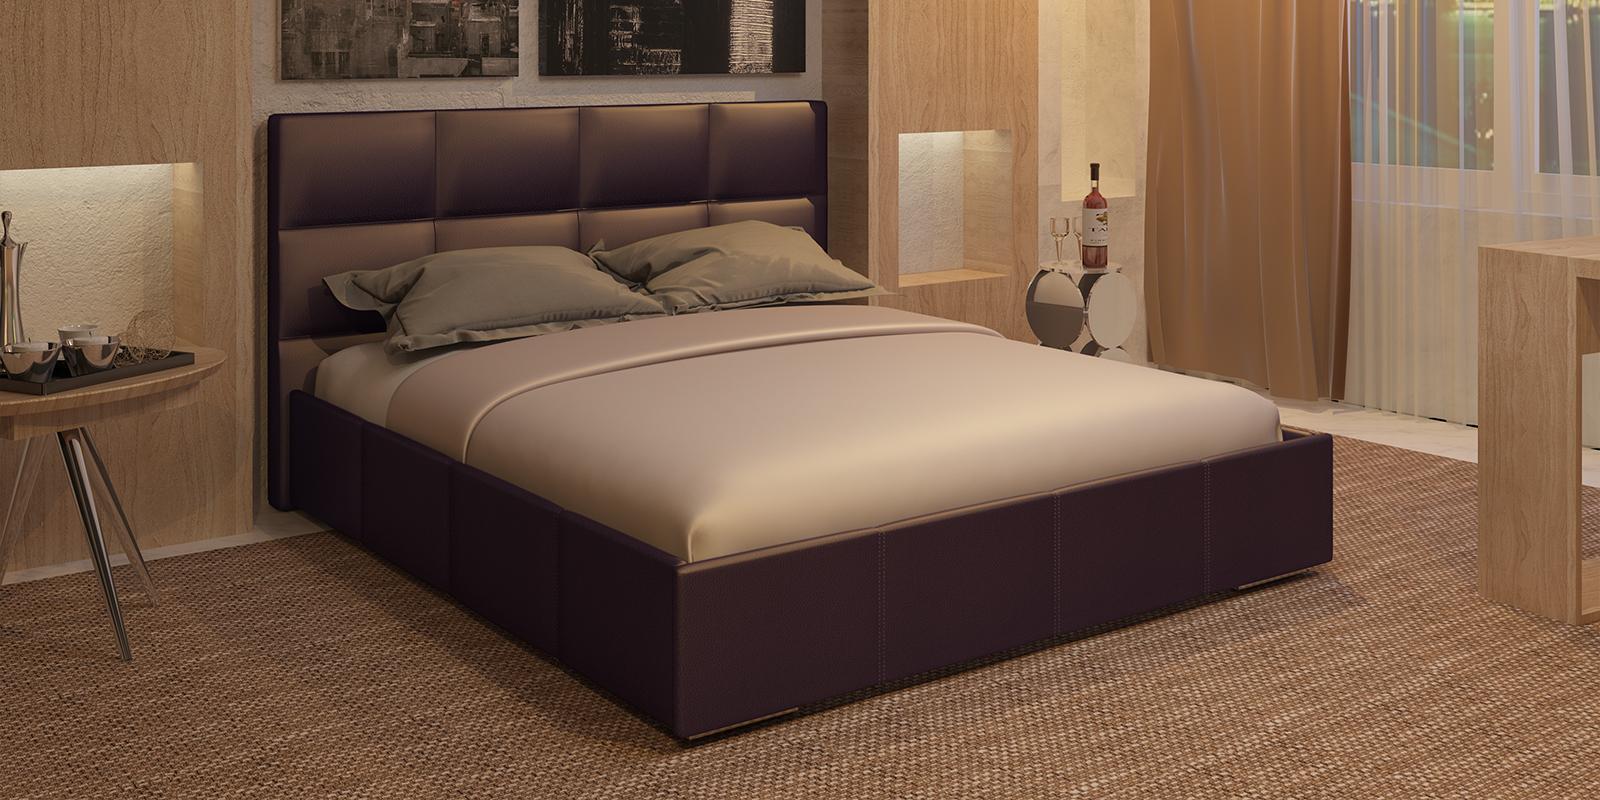 Мягкая кровать 200х160 Лайф с подъемным механизмом (Шоколад) Лайф